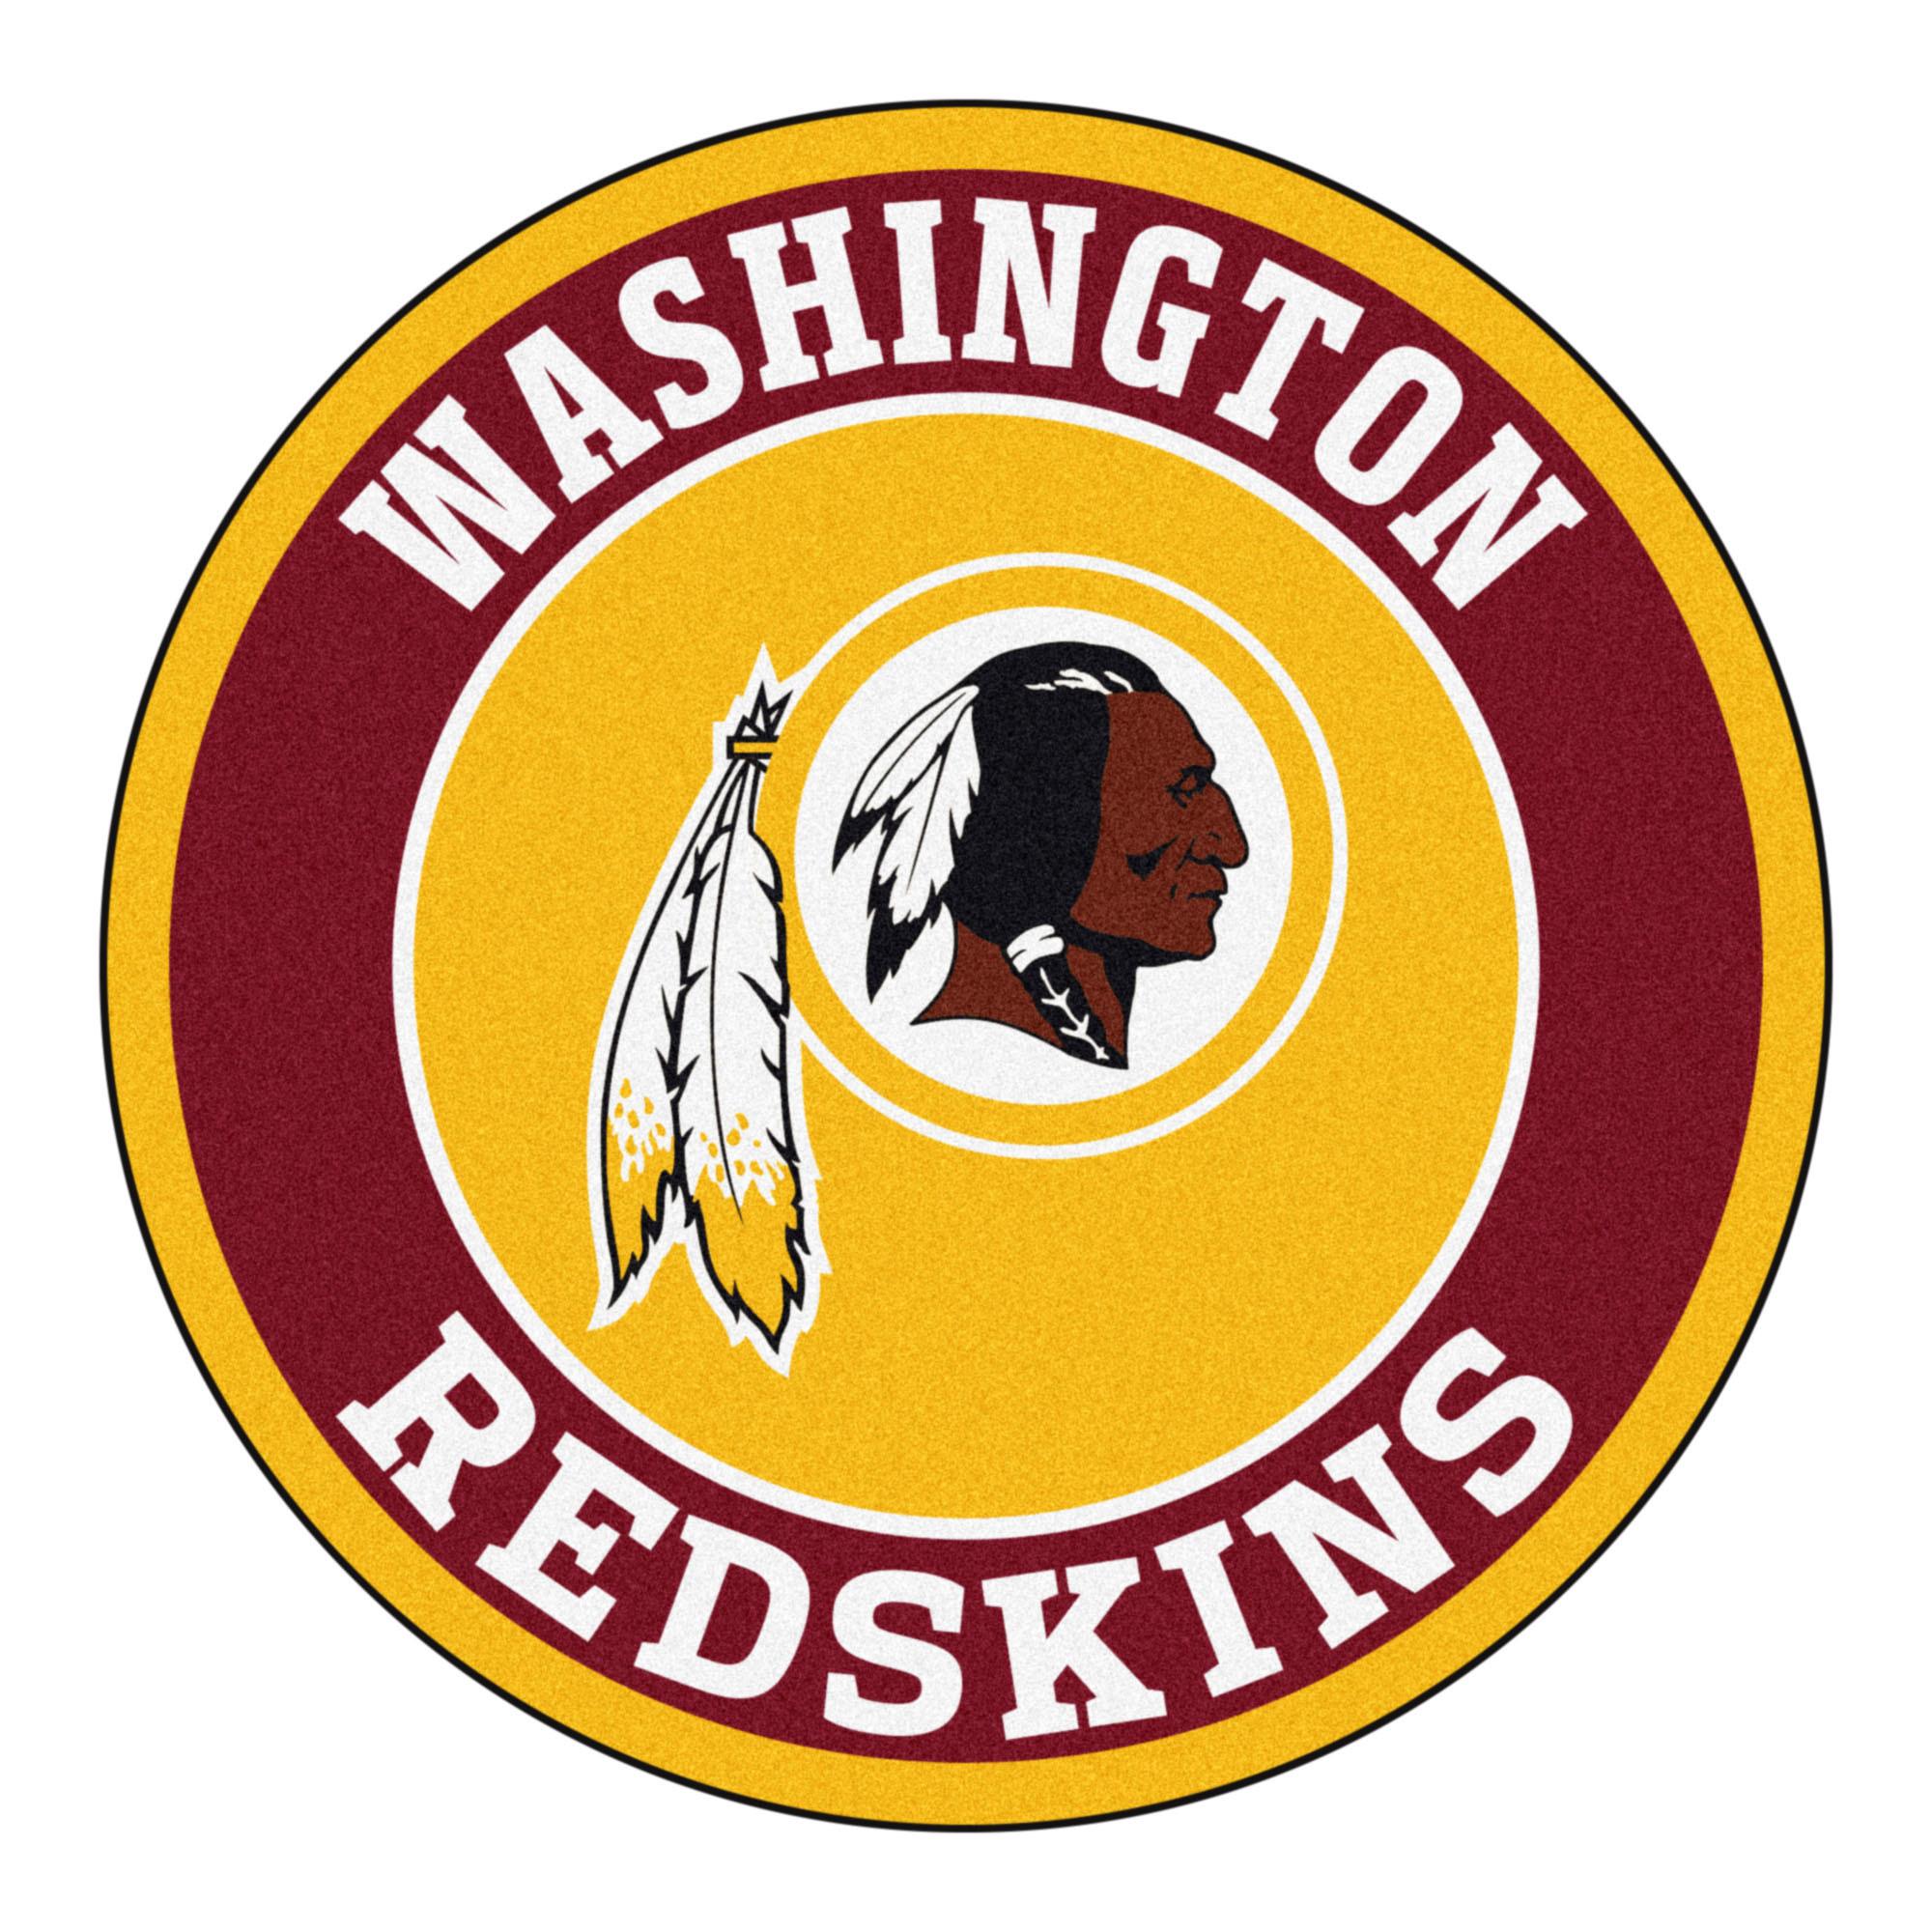 Washington Redskins Hd Wallpaper 70 Images